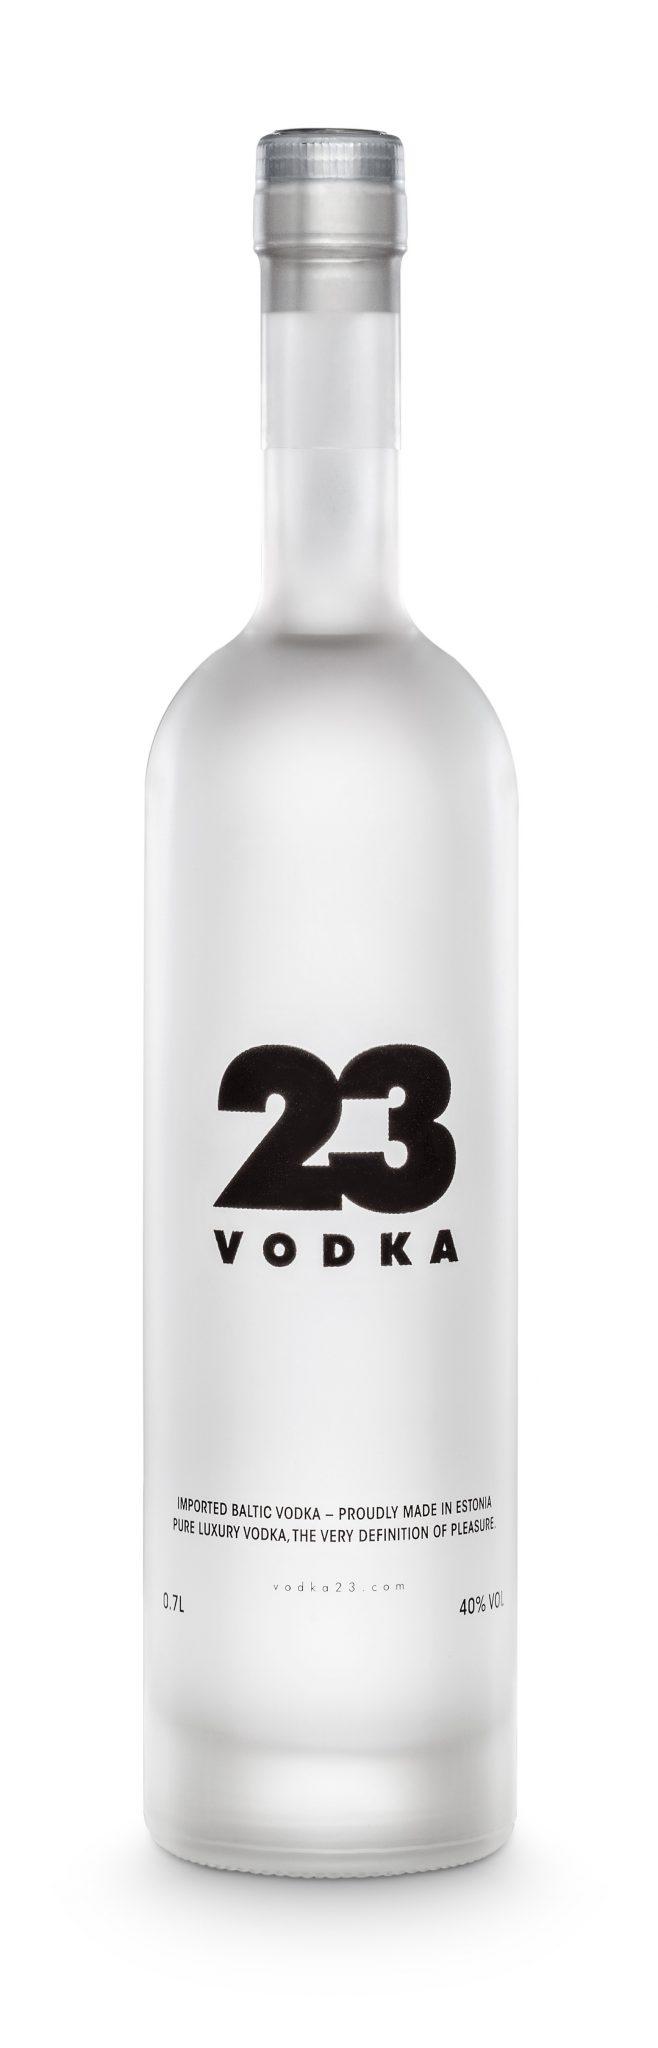 vodka23-flasche